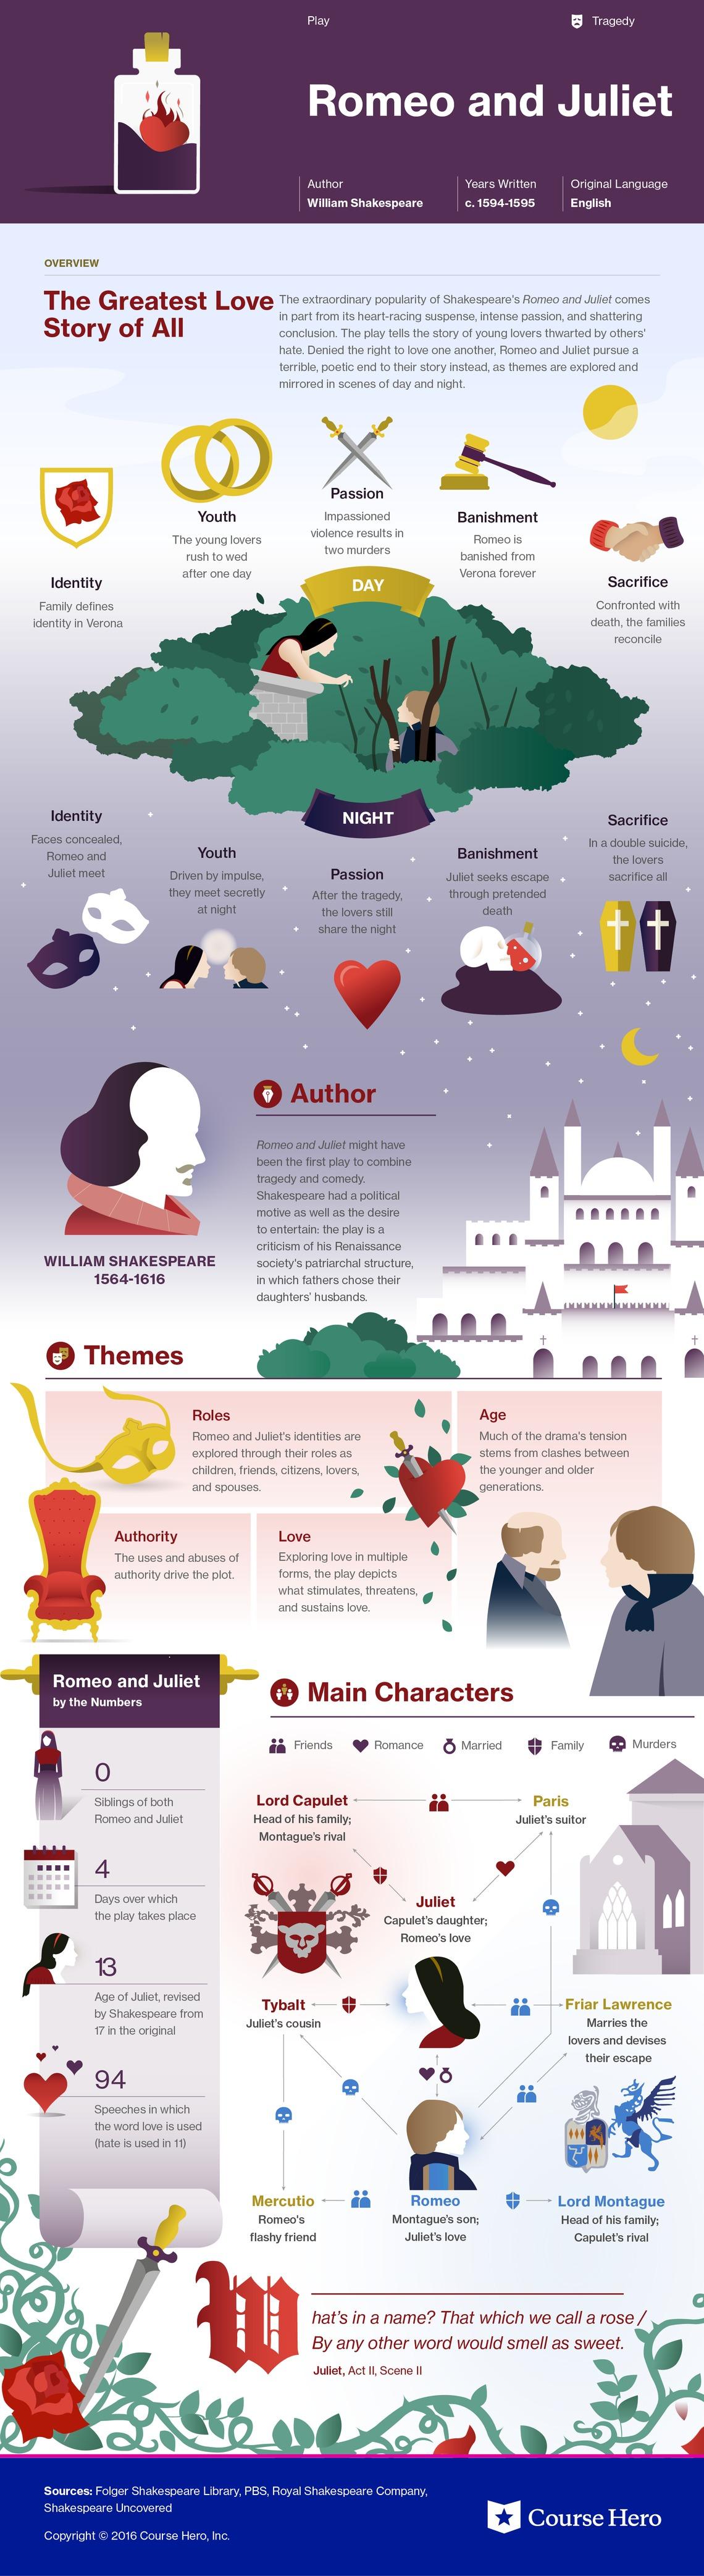 Course Hero Infographic